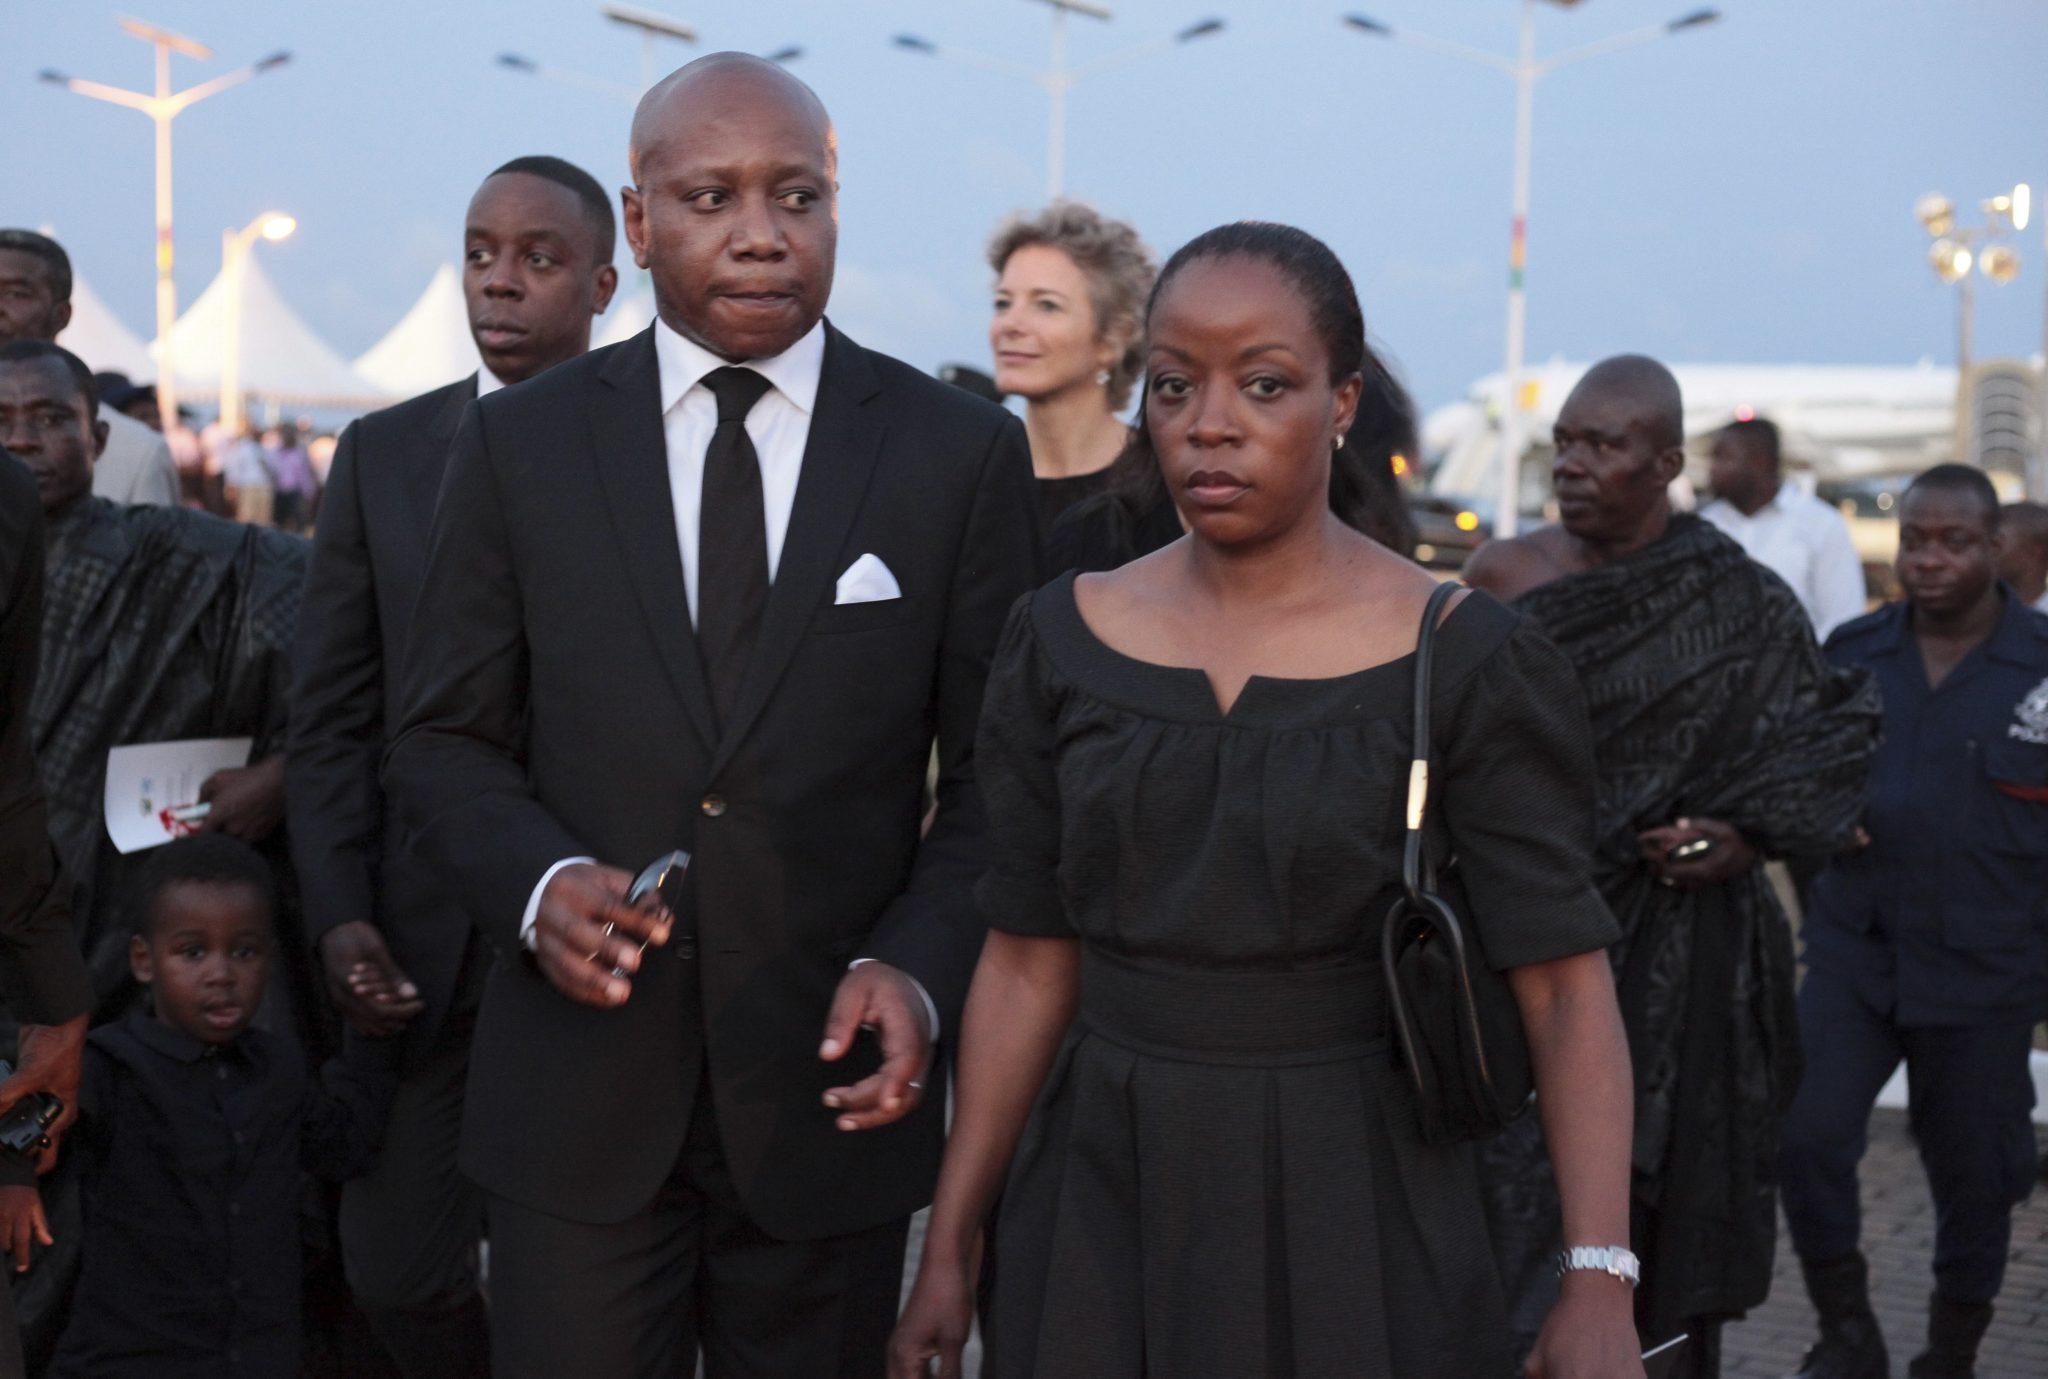 Rodzina Kofiego Annana przed państwowym pogrzebem. Kofi Annan - były sekretarz generalny Narodów Zjednoczonych zmarł 18.08 w wieku 80 lat